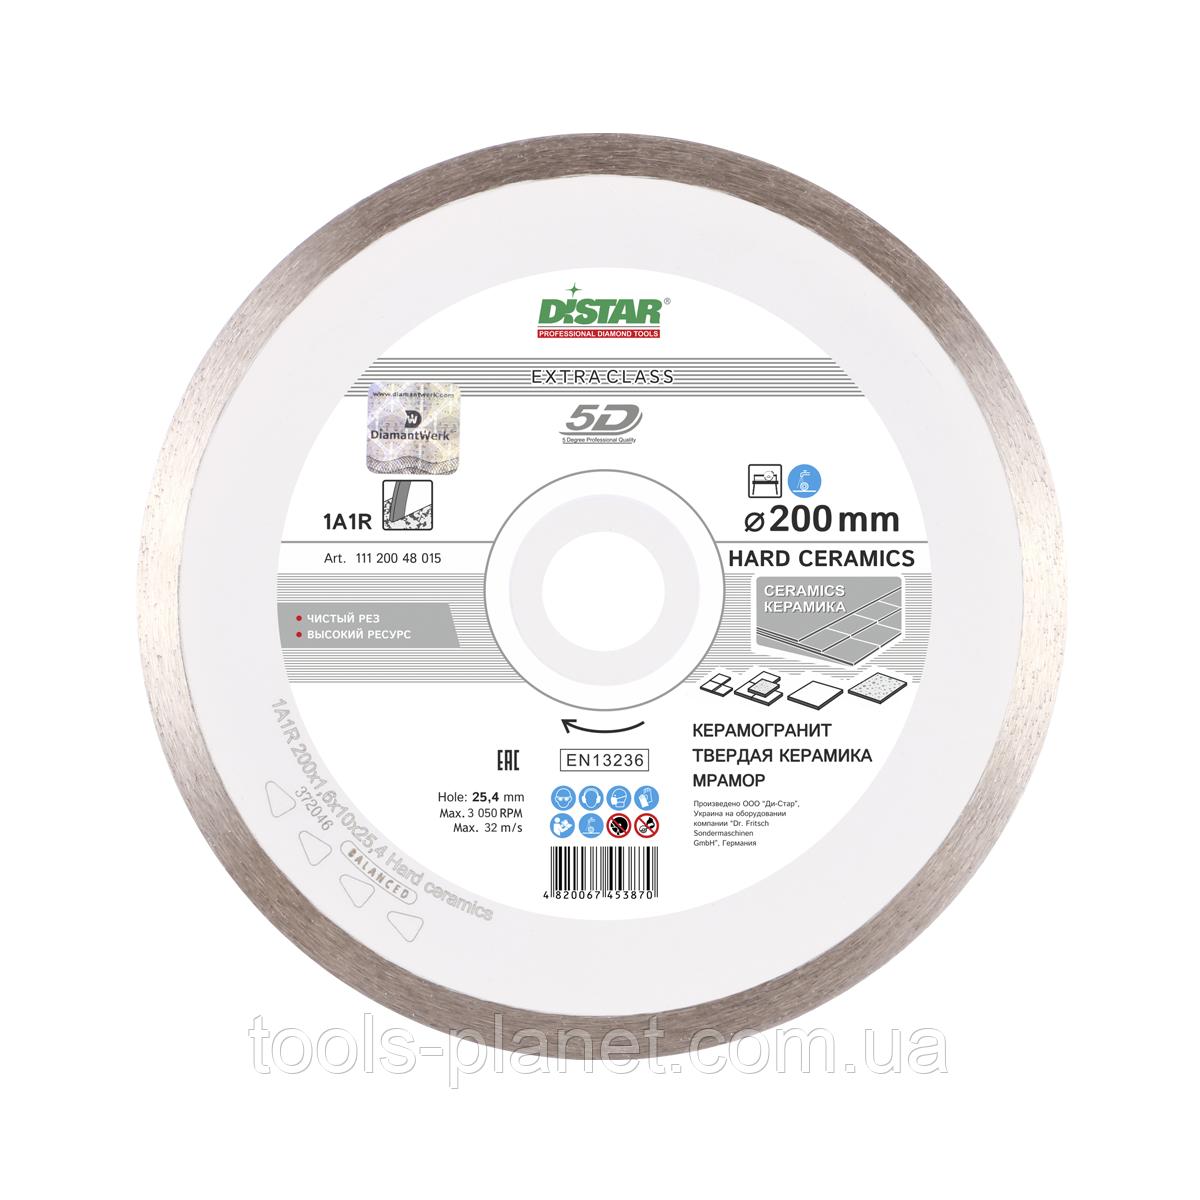 Алмазний диск Distar 1A1R 230 x 1,6 x 10 x 25,4 Hard Ceramics 5D (11120048017)